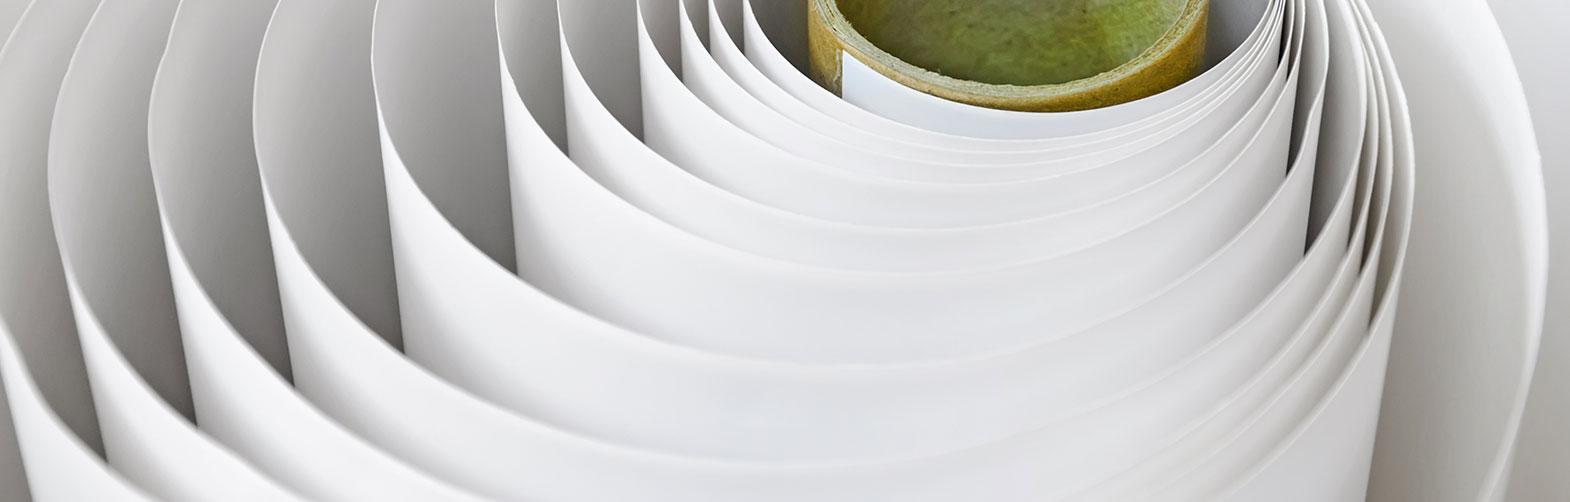 papier-karton3_0.jpg